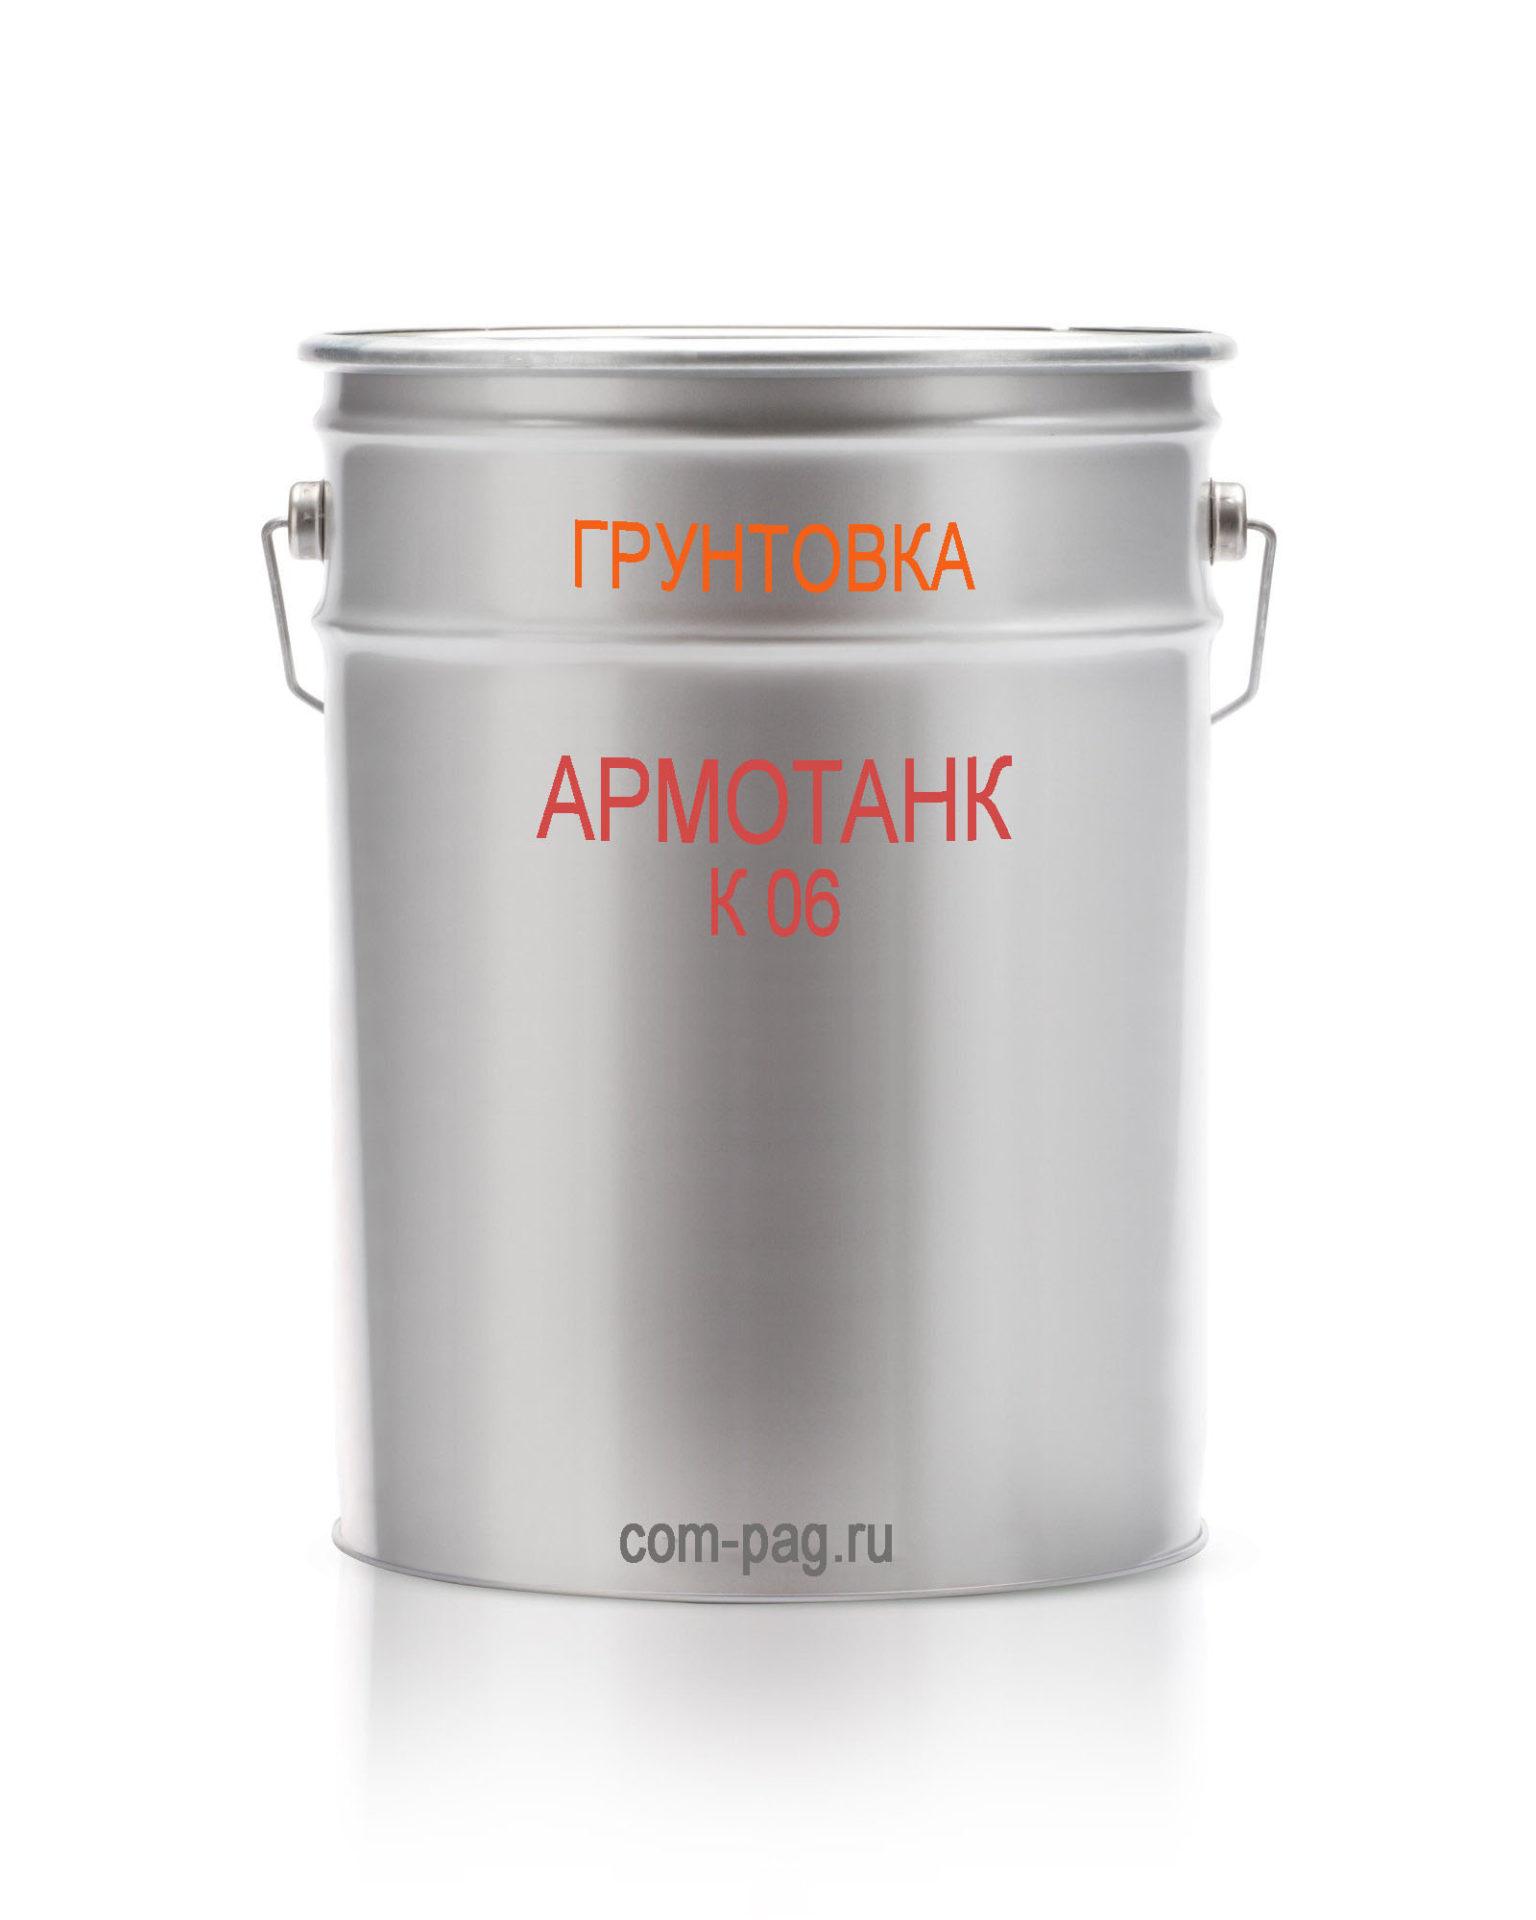 Армотанк 06